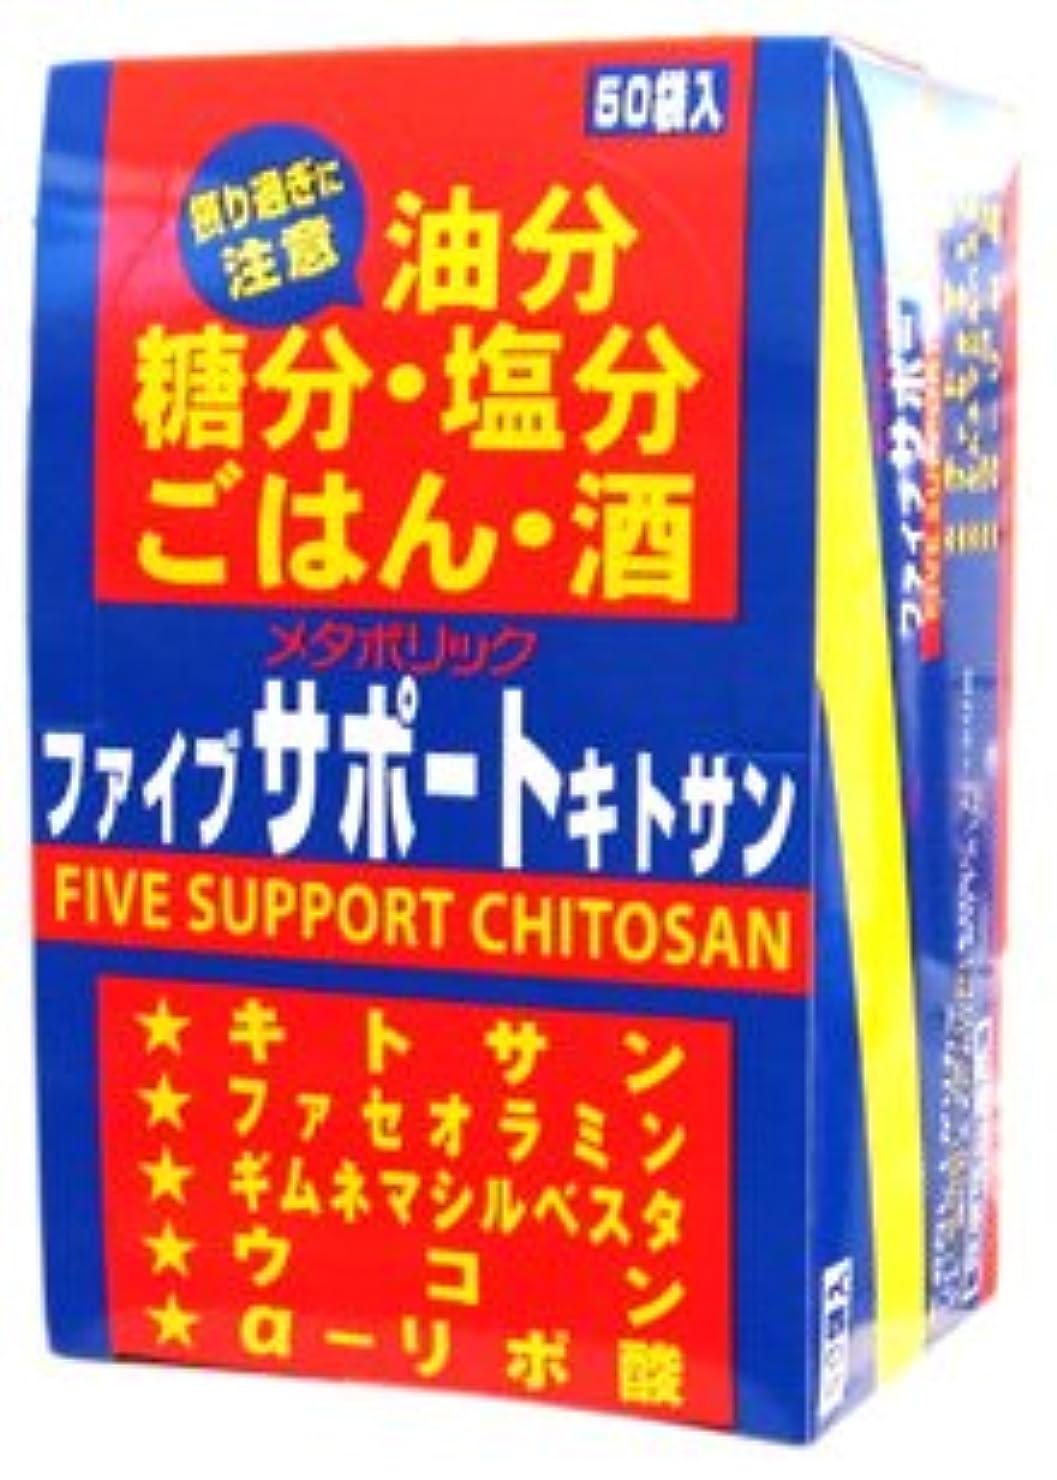 反逆フォーク肺メタボリック ファイブサポート キトサン 8粒×50袋入り×5個セット 50包